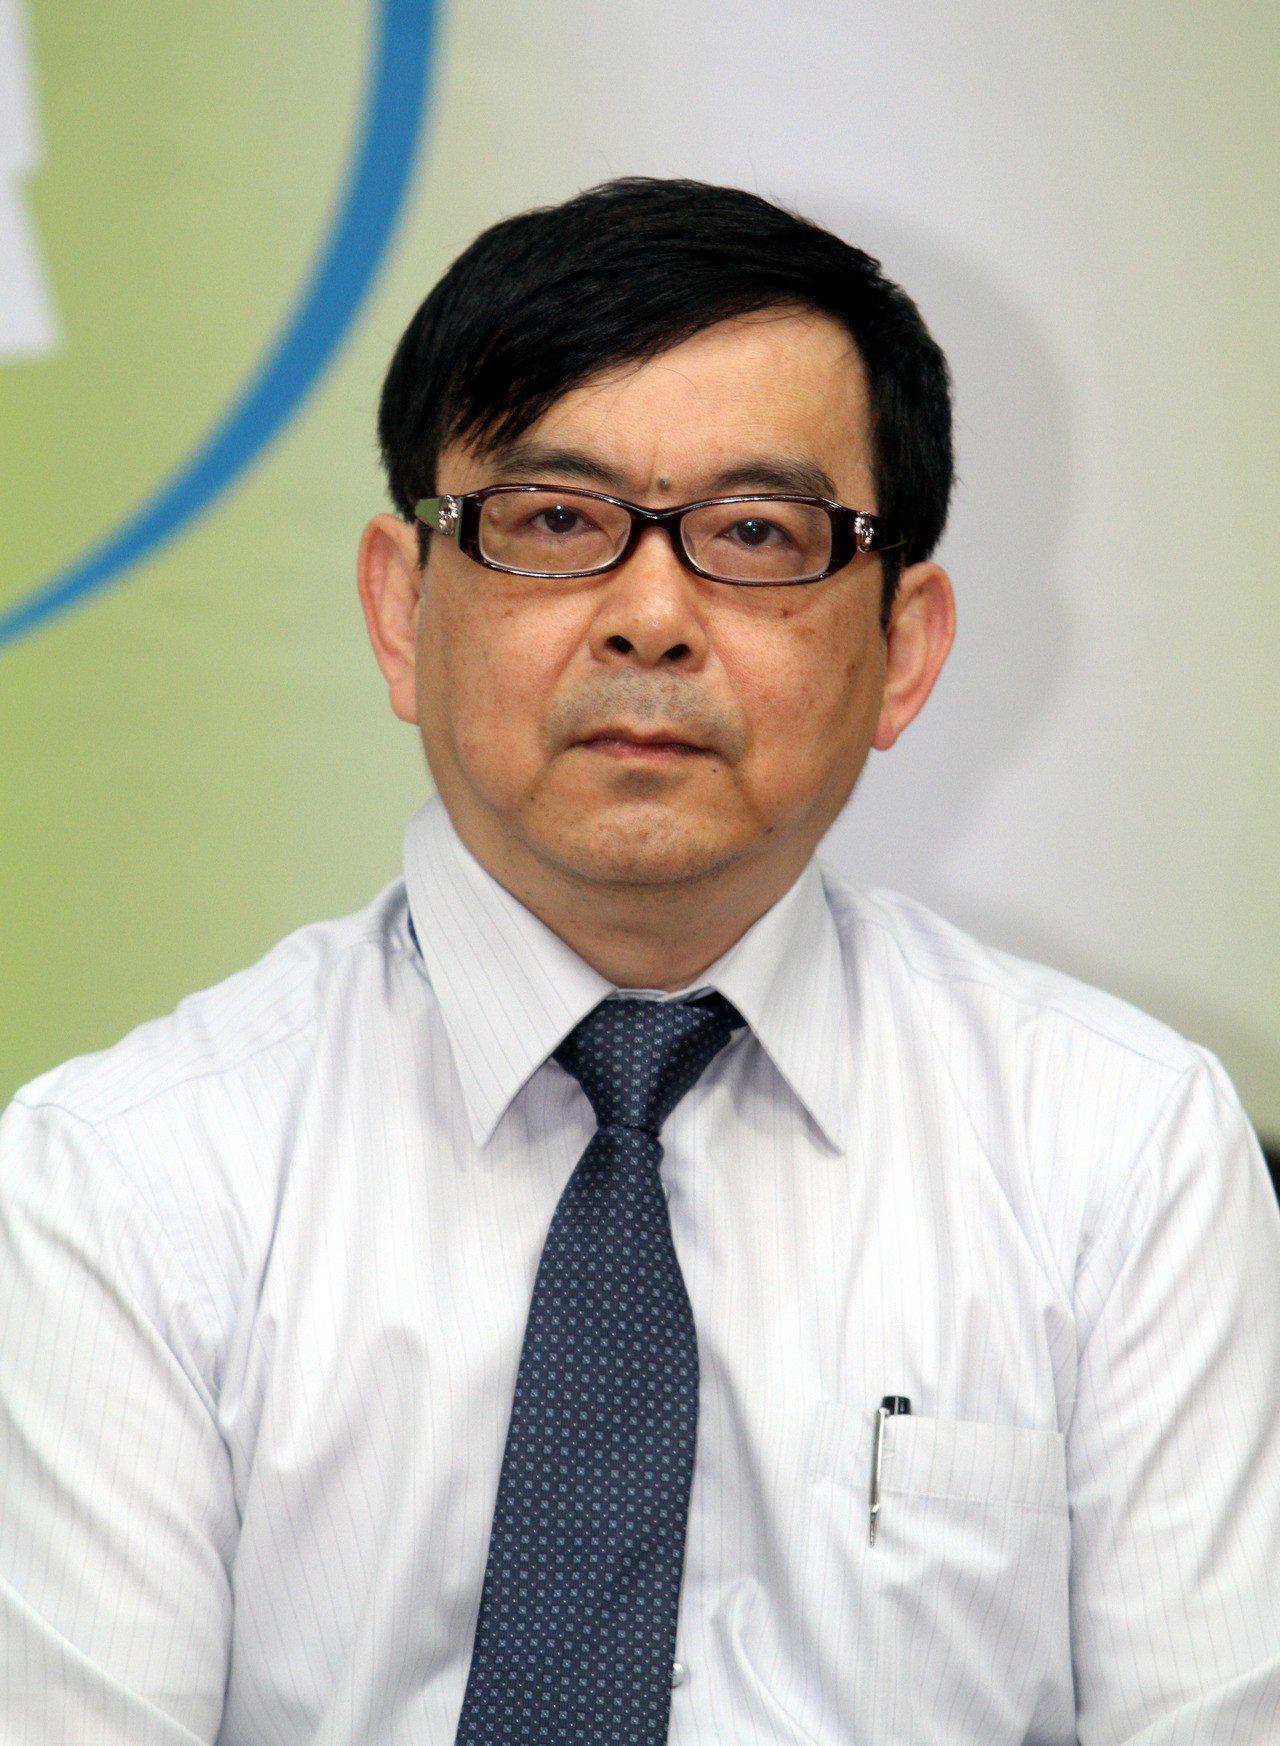 台灣感染症醫學會理事長暨台大小兒部主任黃立民表示,亞洲地區抗藥性細菌問題嚴重。...